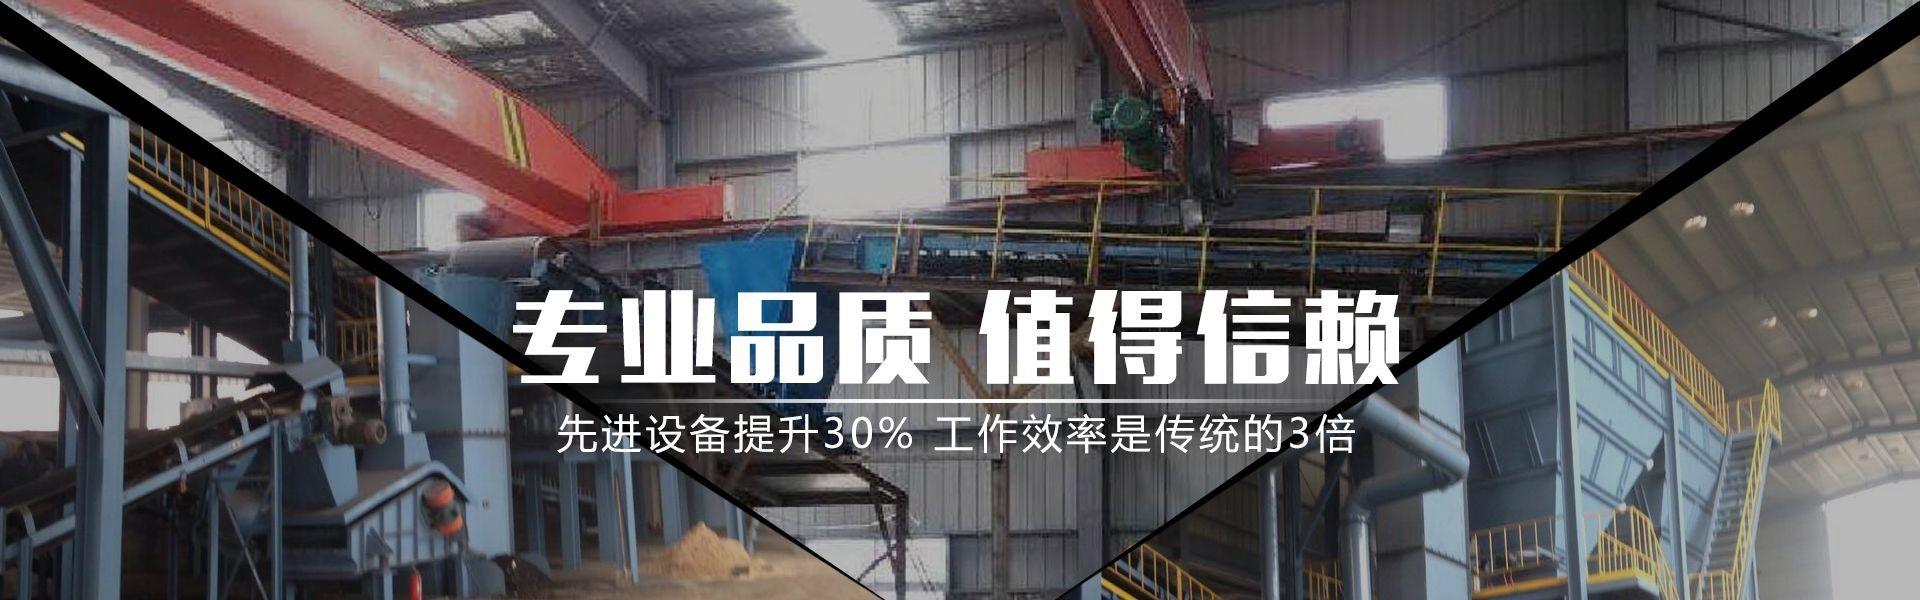 眾合力機械設備有限公司